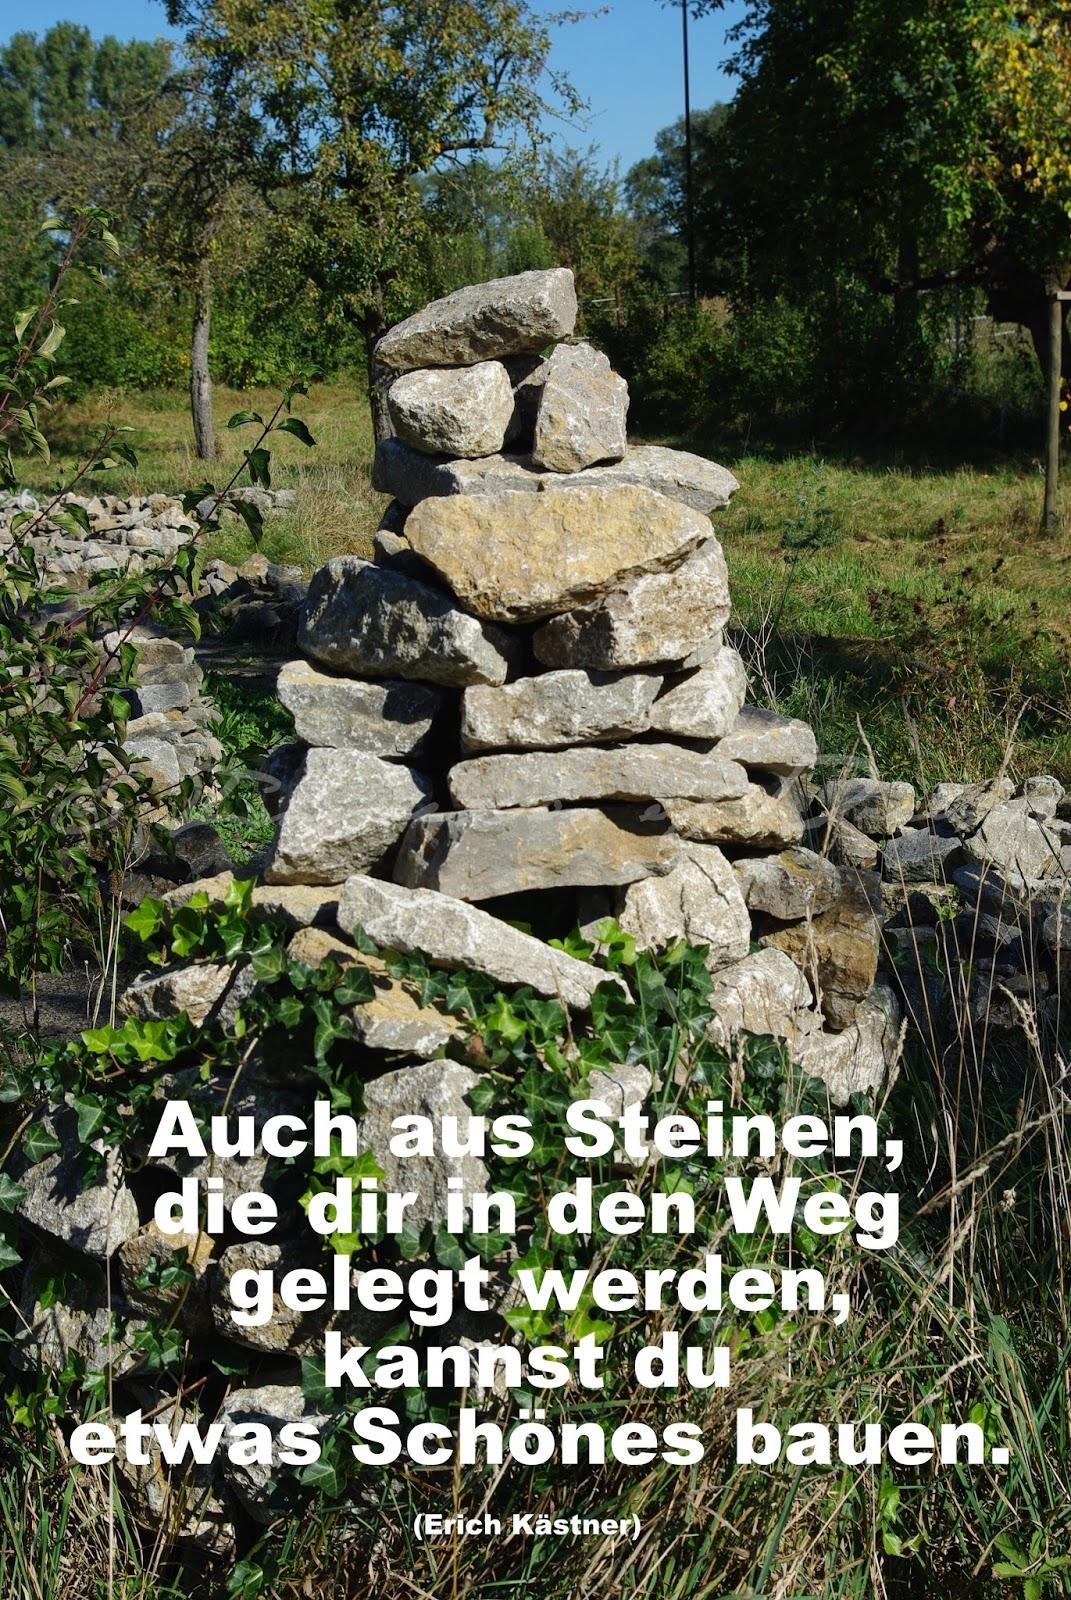 Auch aus Steinen, die dir in den Weg gelegt werden, kannst du etwas Schönes bauen